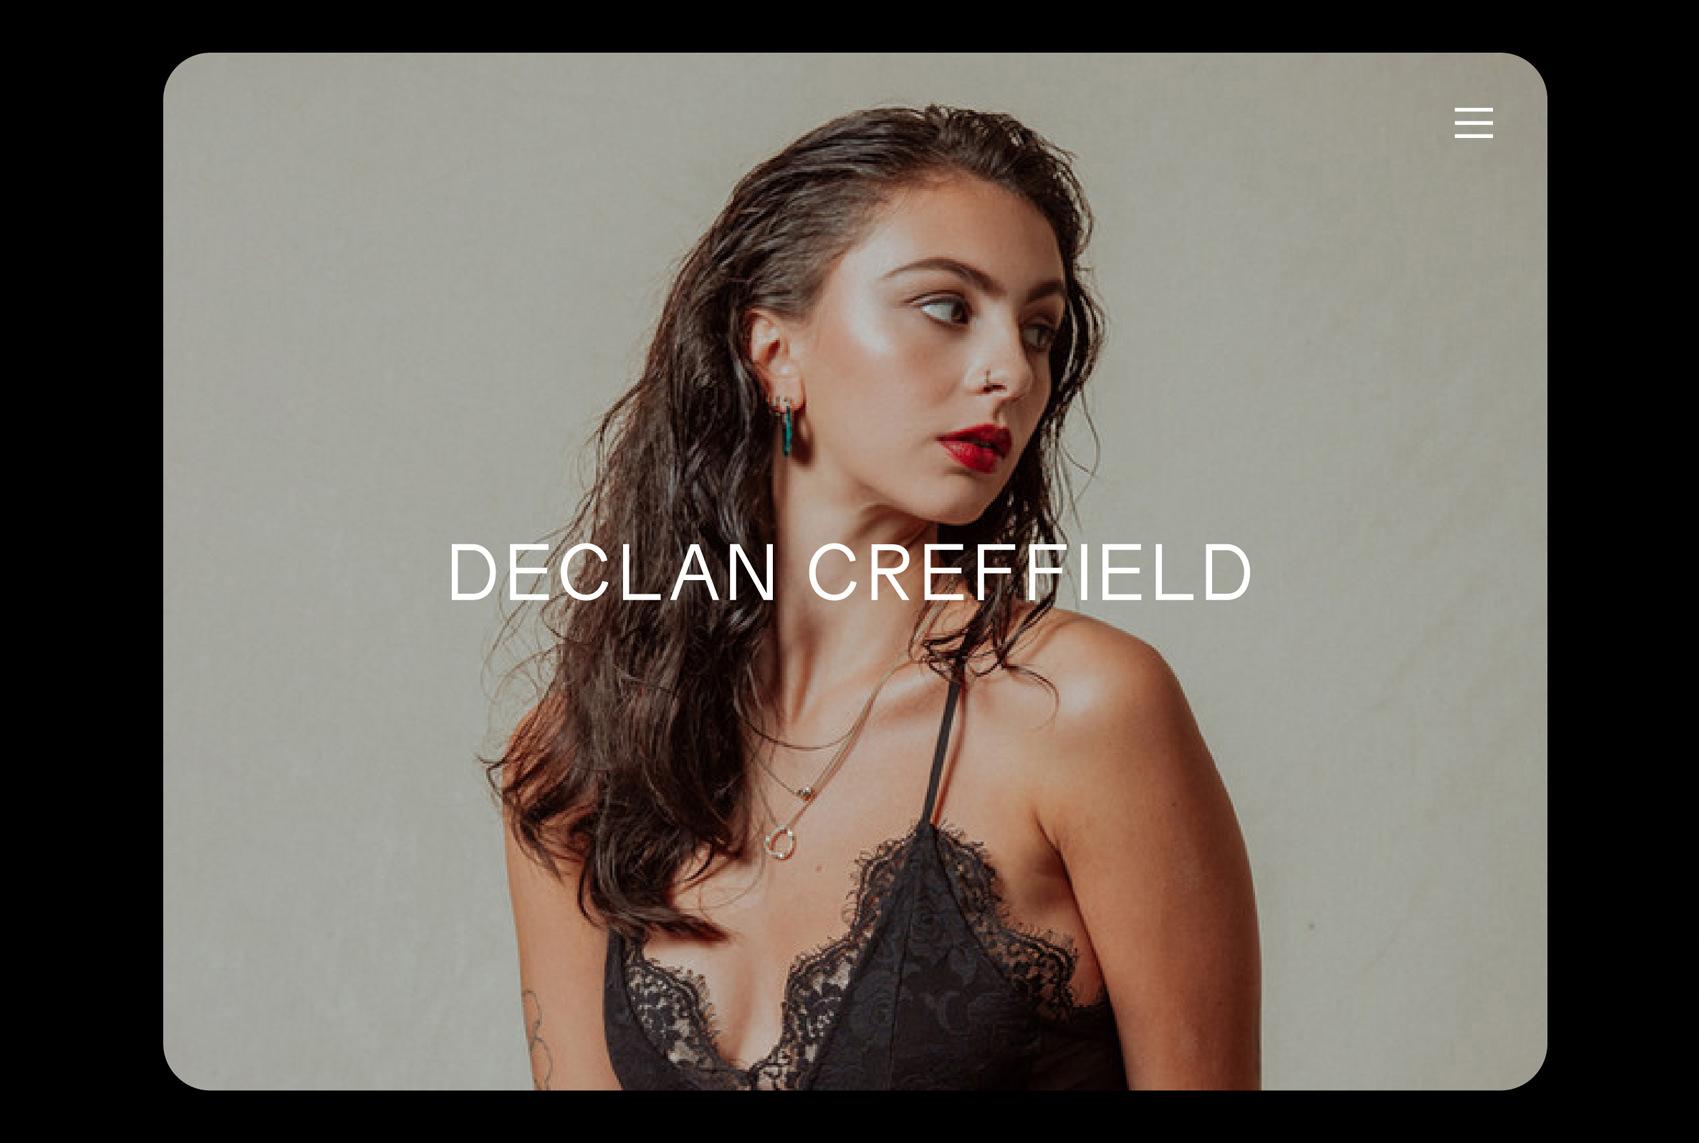 Declan Creffield website 1